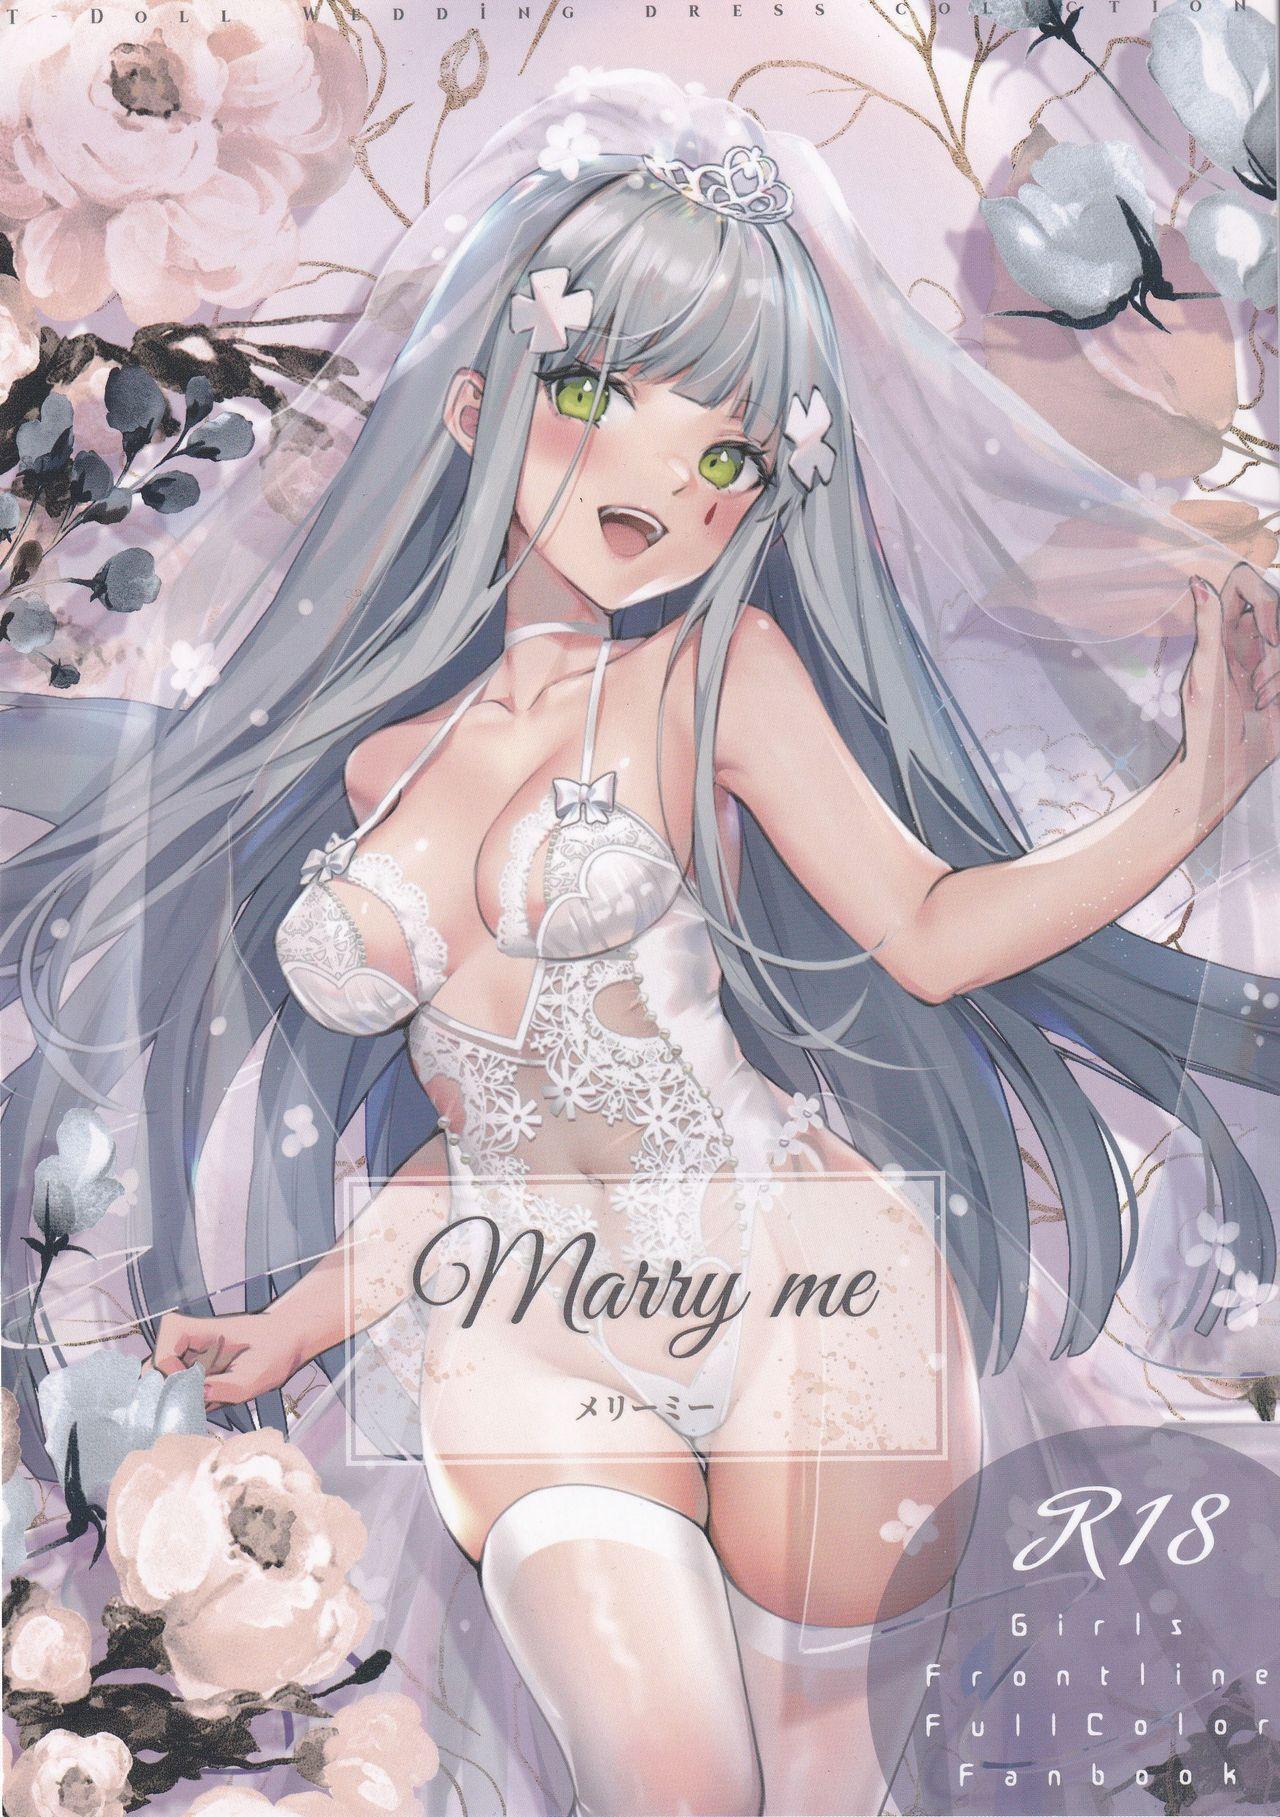 อยากแต่งงานกันฉันไหม